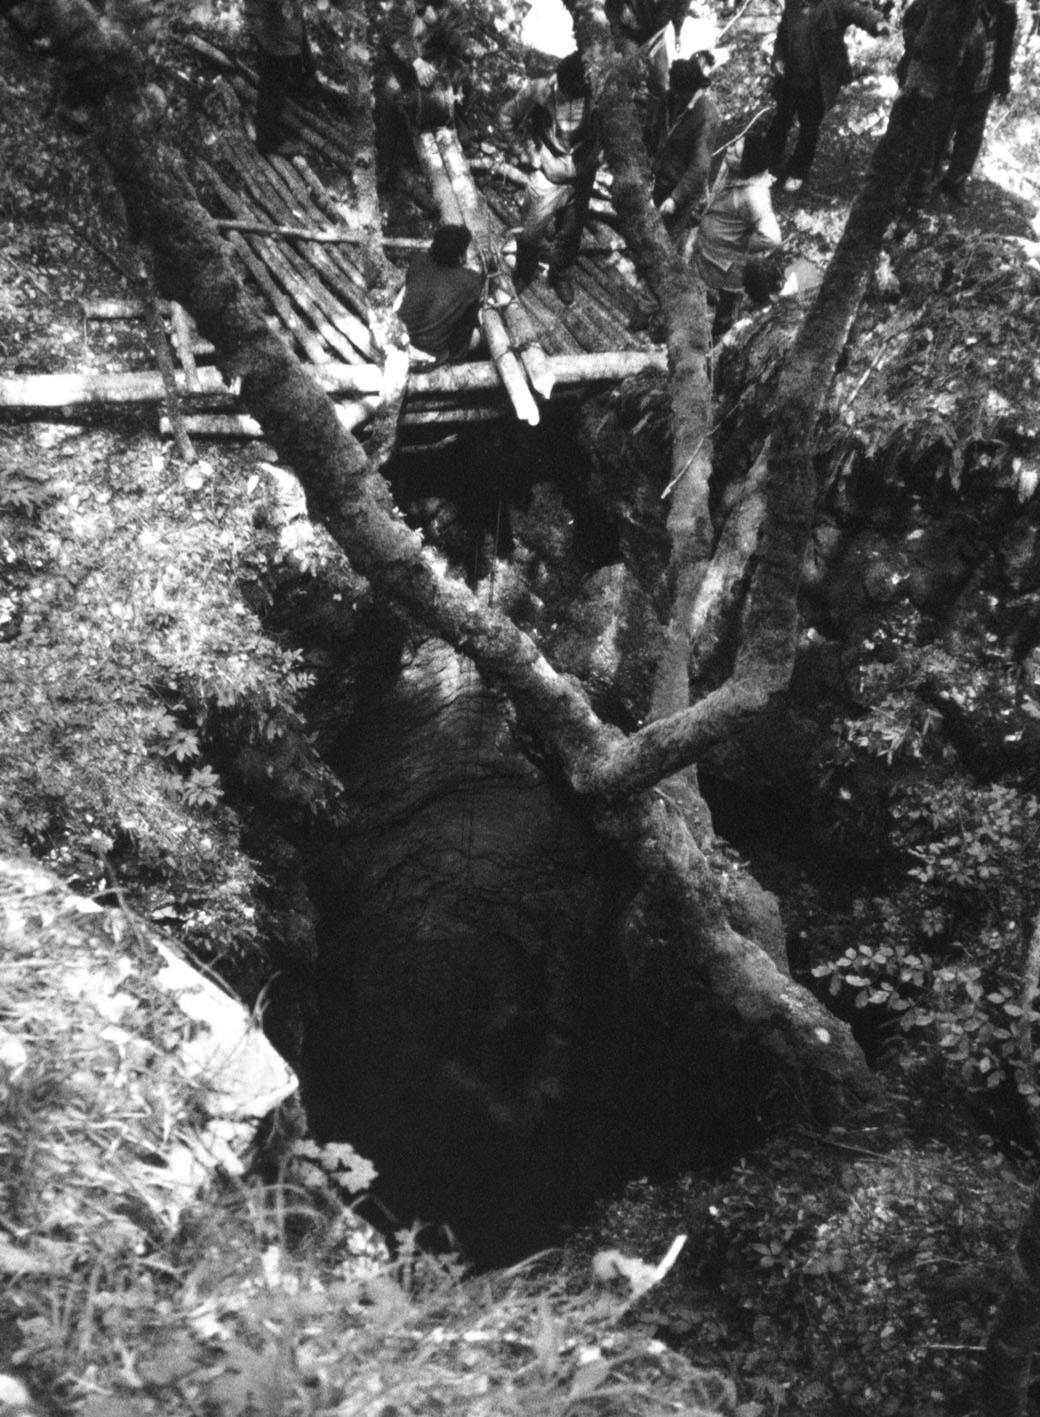 Grotlo jame Ravni dolac pola vijeka kasnije, juna 1991.